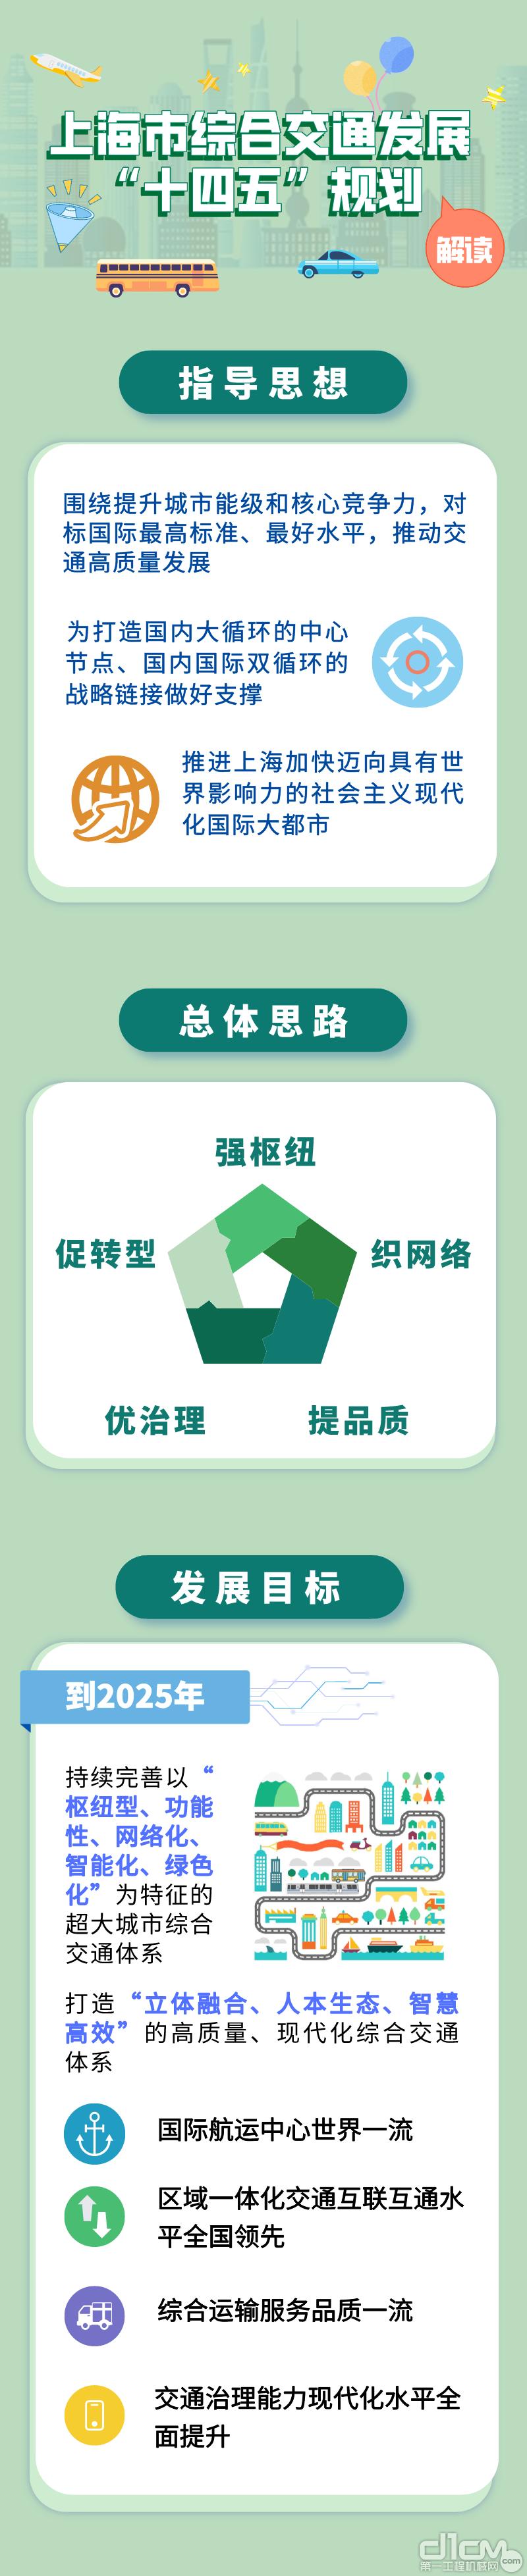 上海市综合交通发展